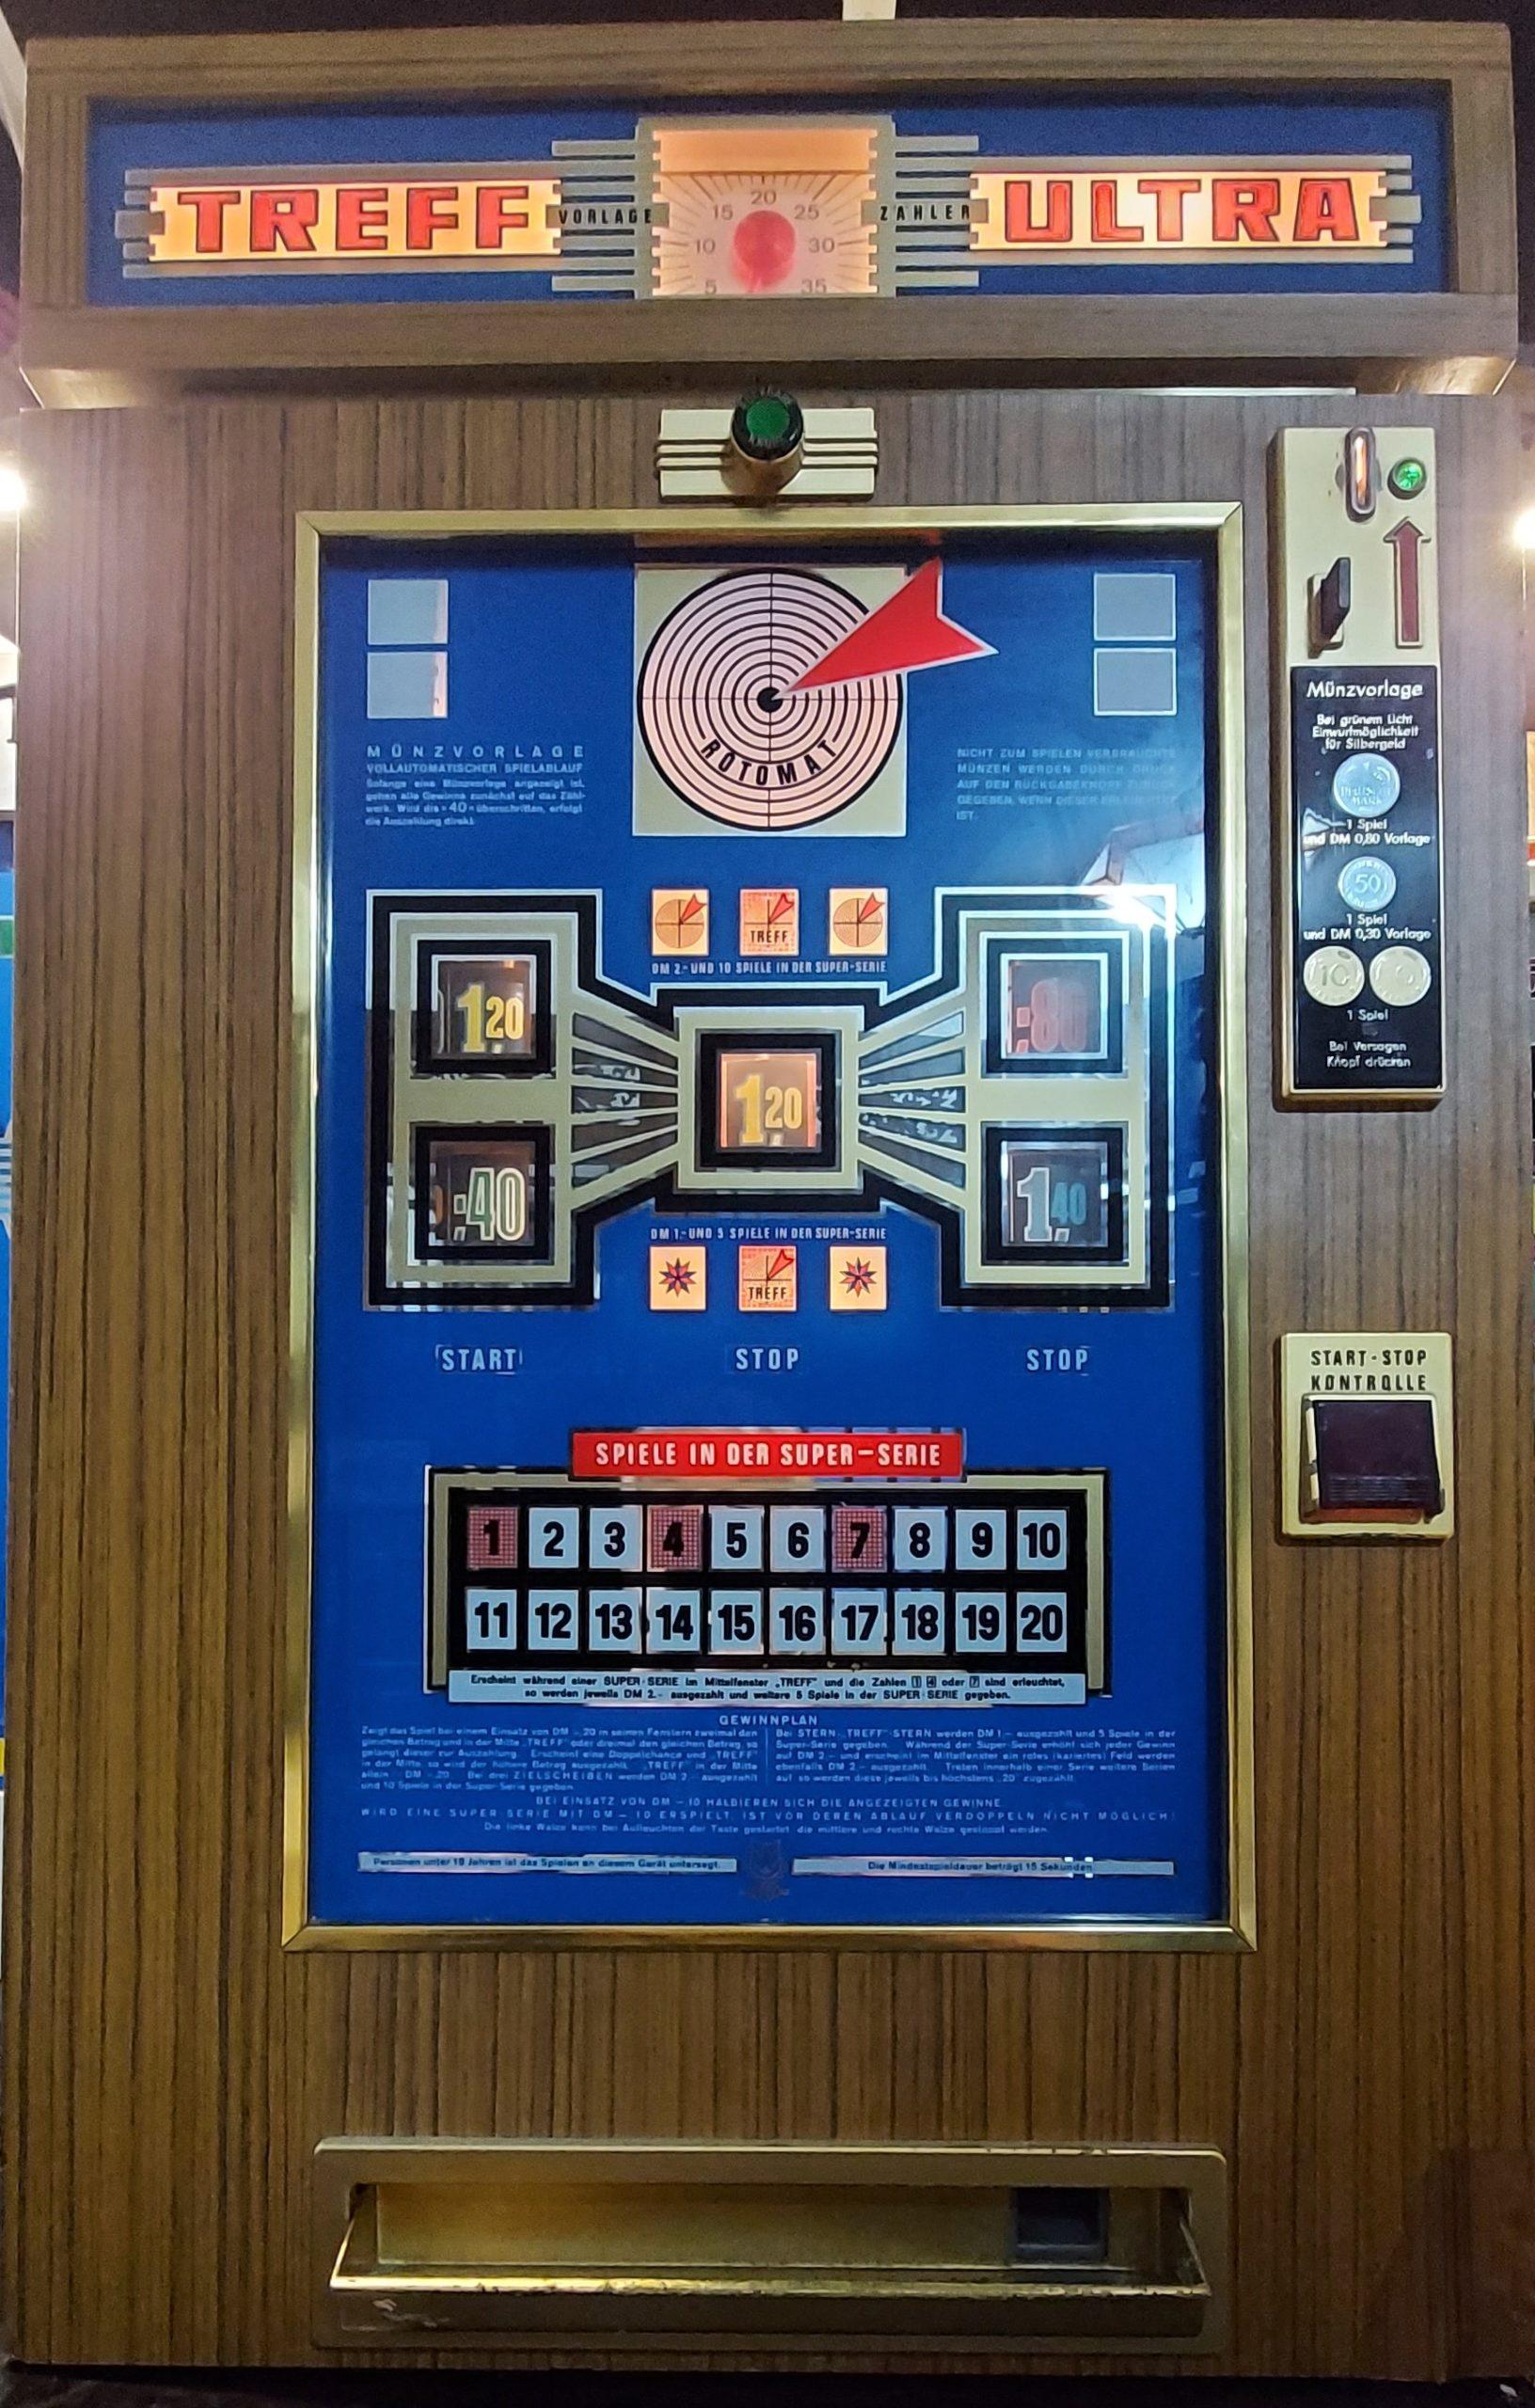 Bos 888 slot